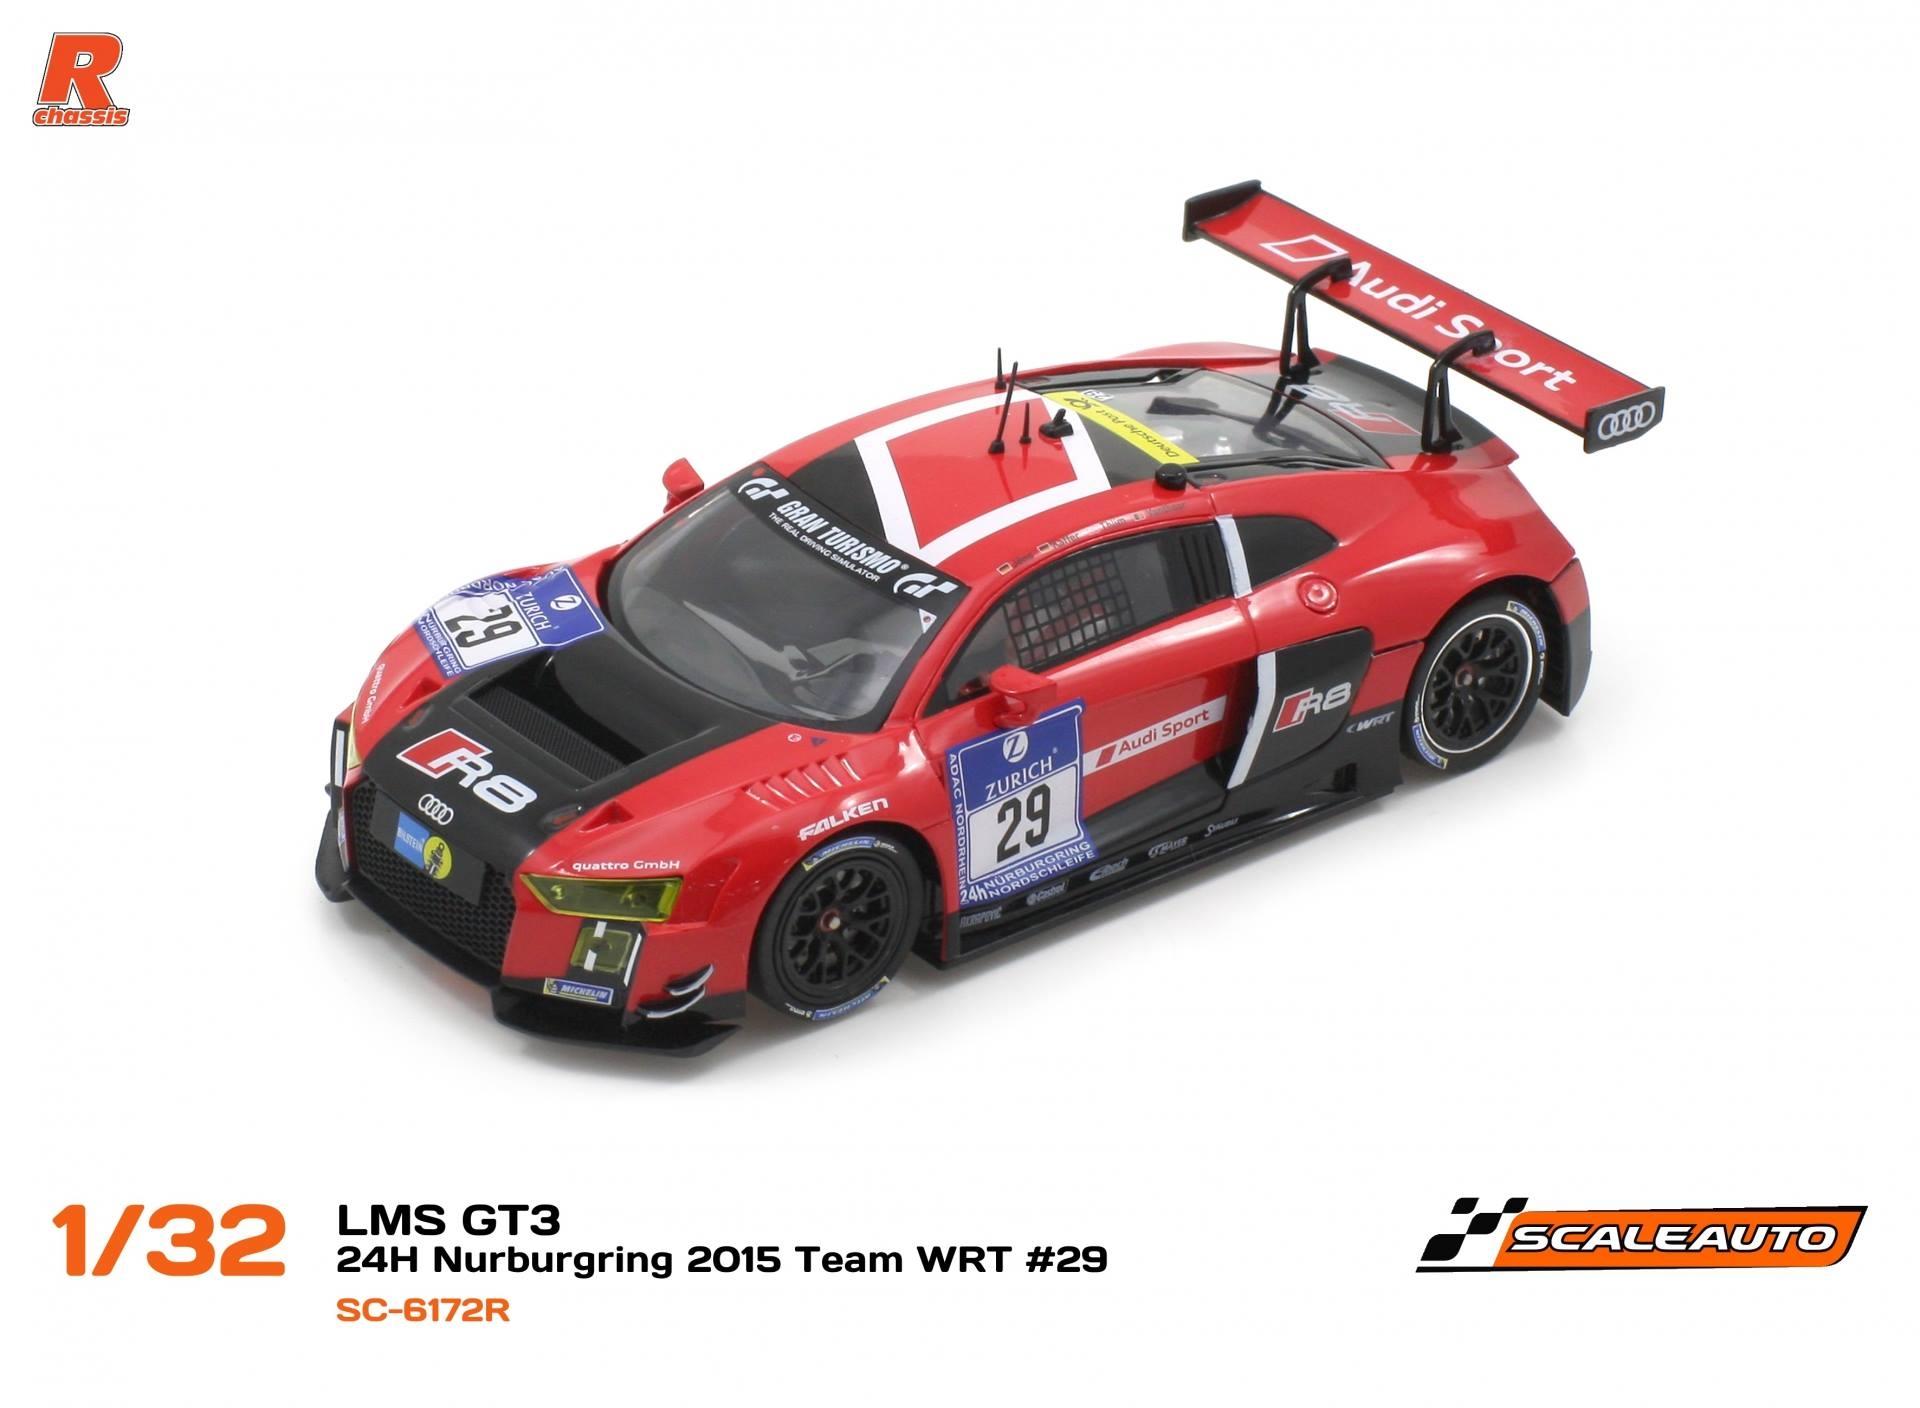 Scaleauto: Audi R8 LMS GT3 #29 TEAM WRT 24h. Nürburgring 2015- SC6172